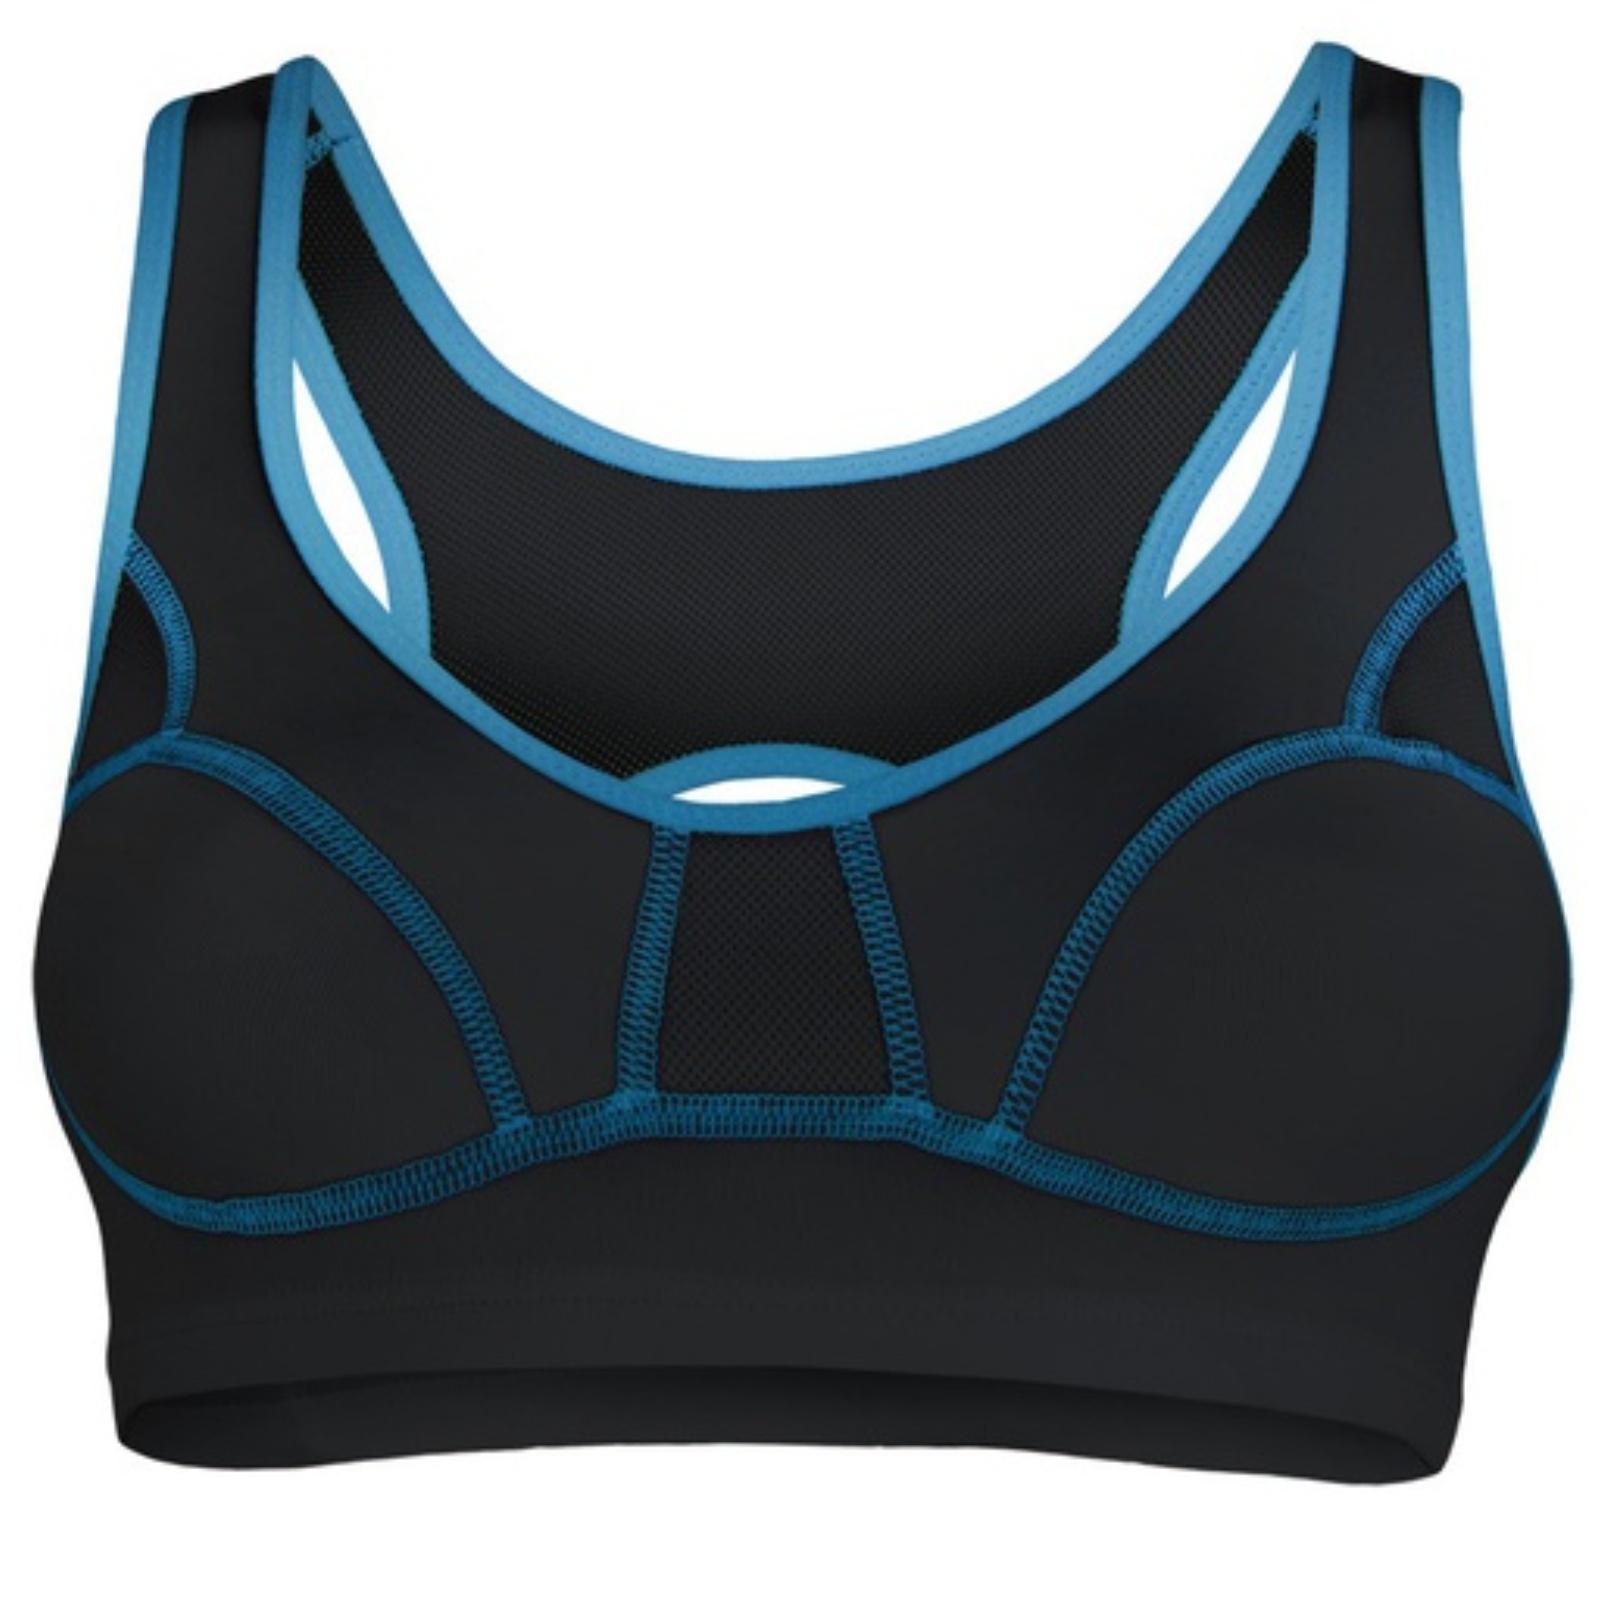 Sportovní podprsenka SENSOR Lissa černo-modrá vel. 80C